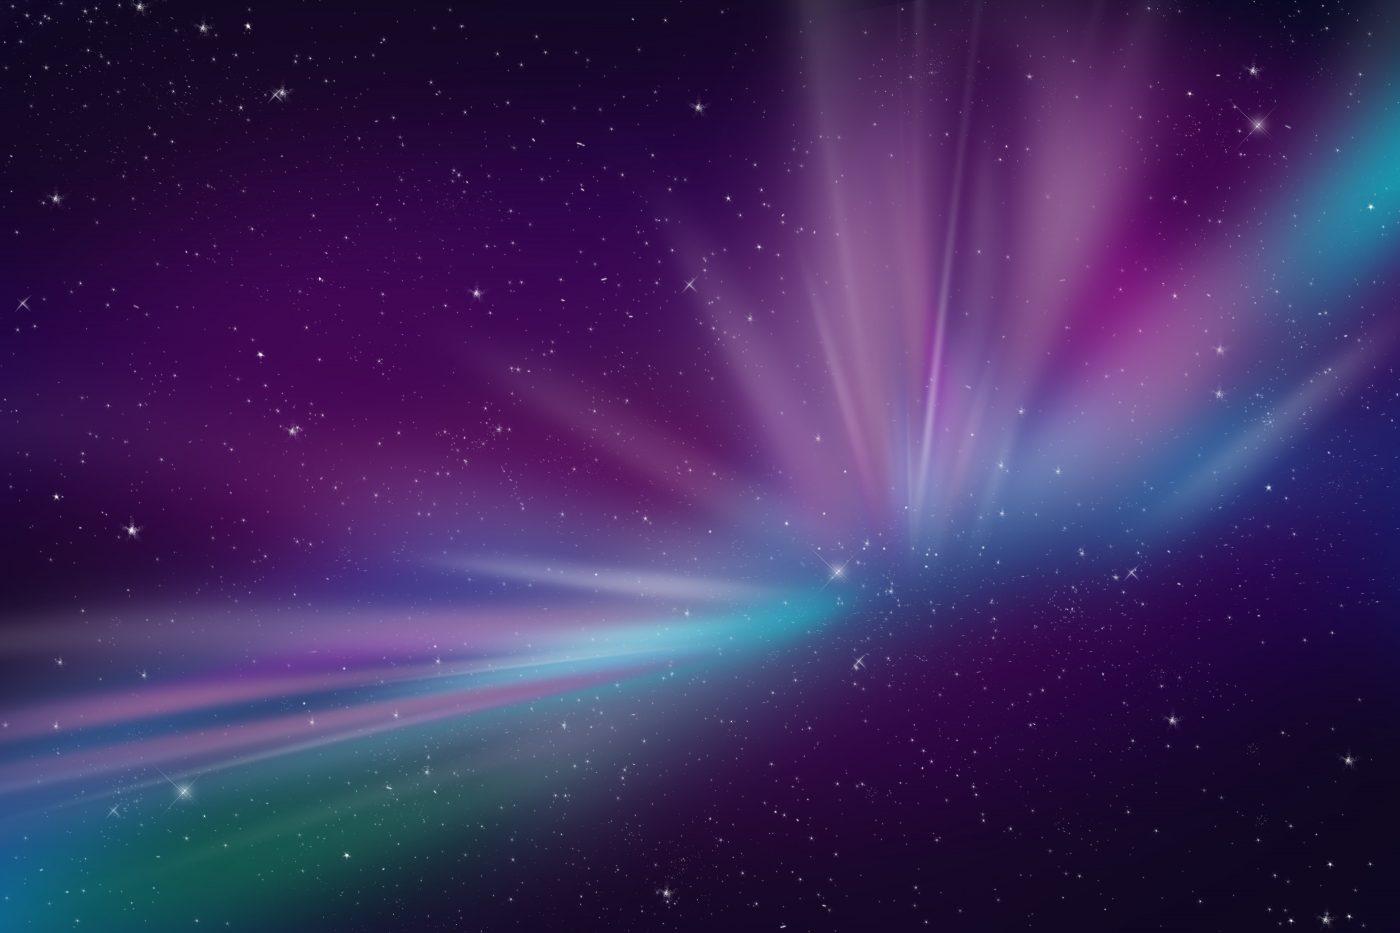 Aurora polar lights- Where dreams are born